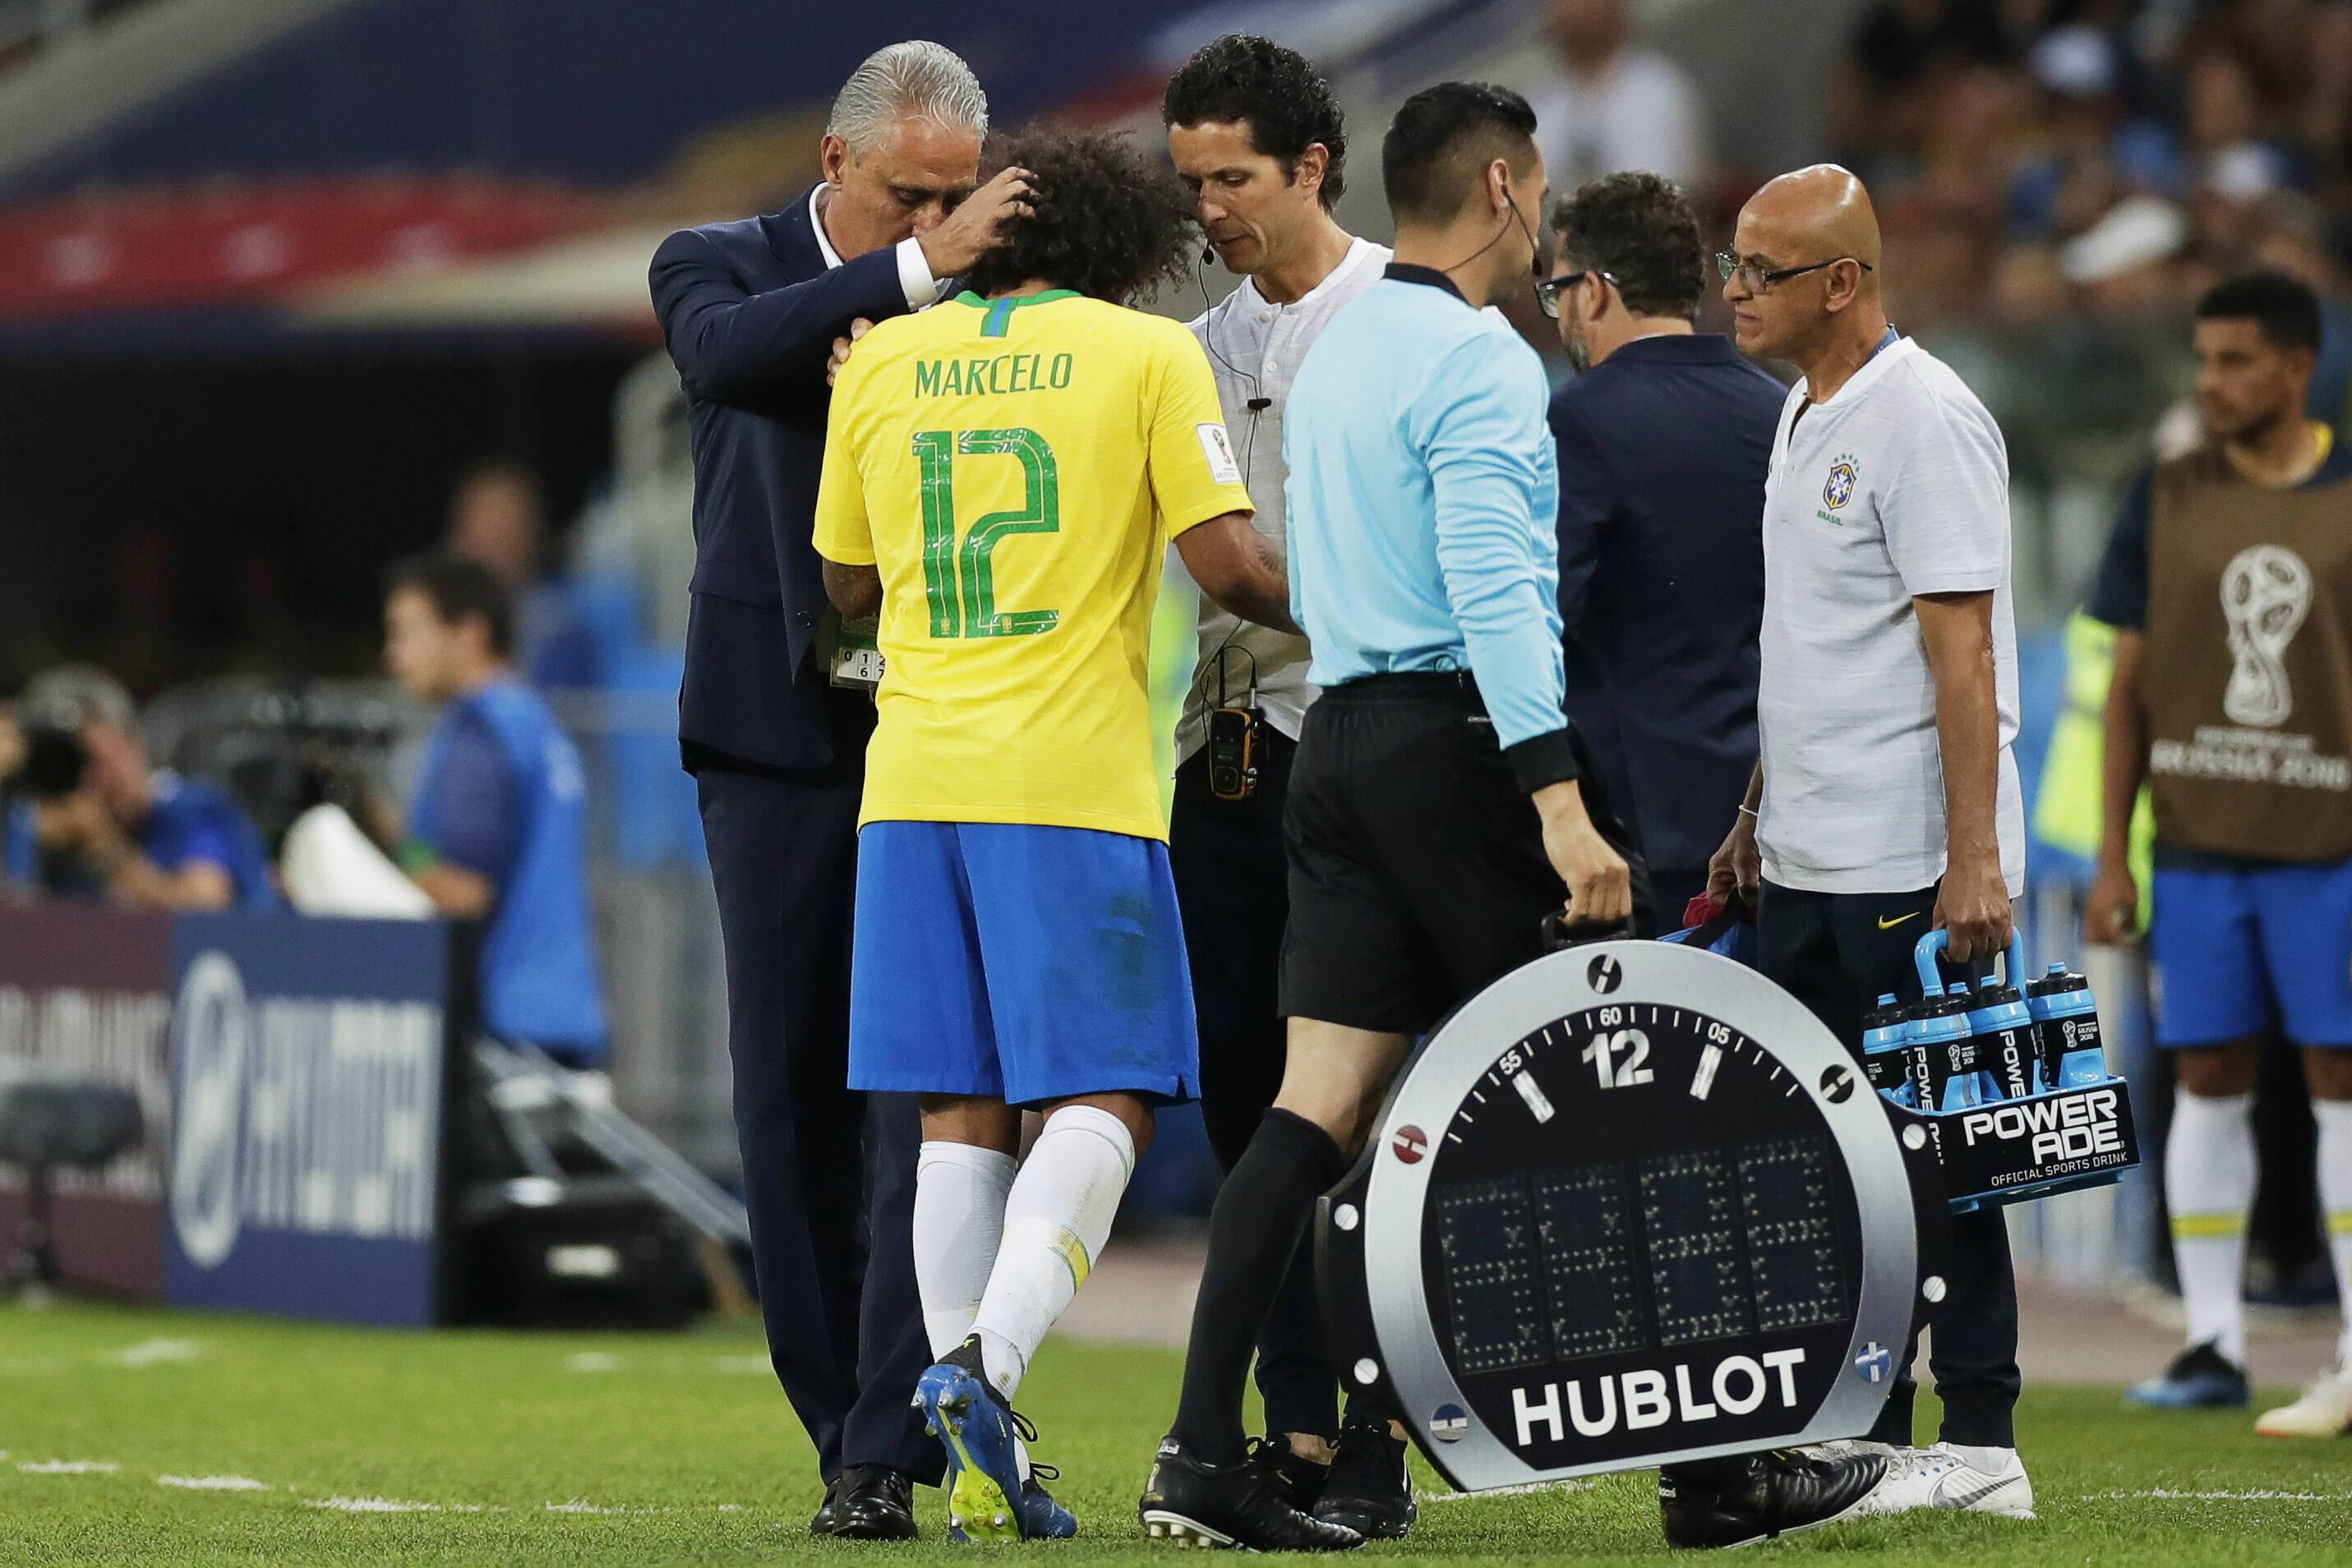 Foto: André Mourão/MoWA Press - 27.6.18